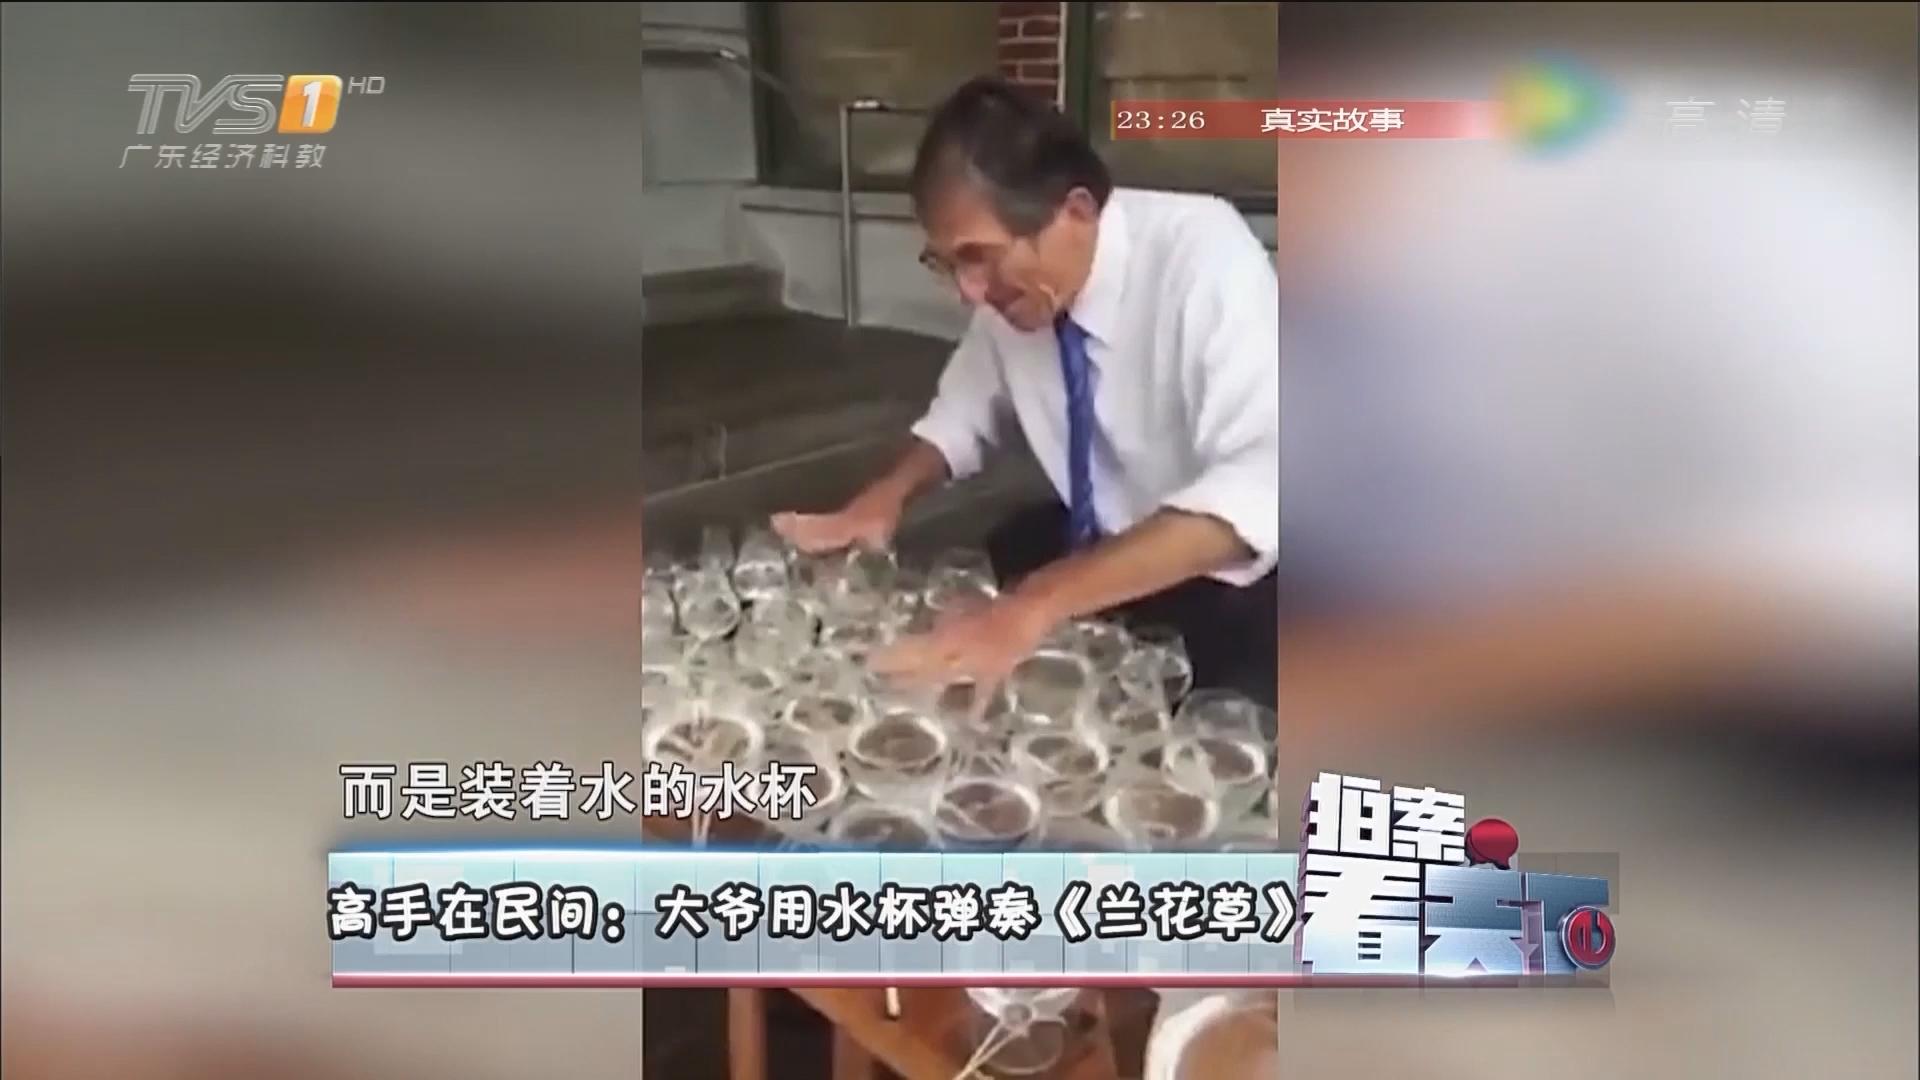 高手在民间:大爷用水杯弹奏《兰花草》